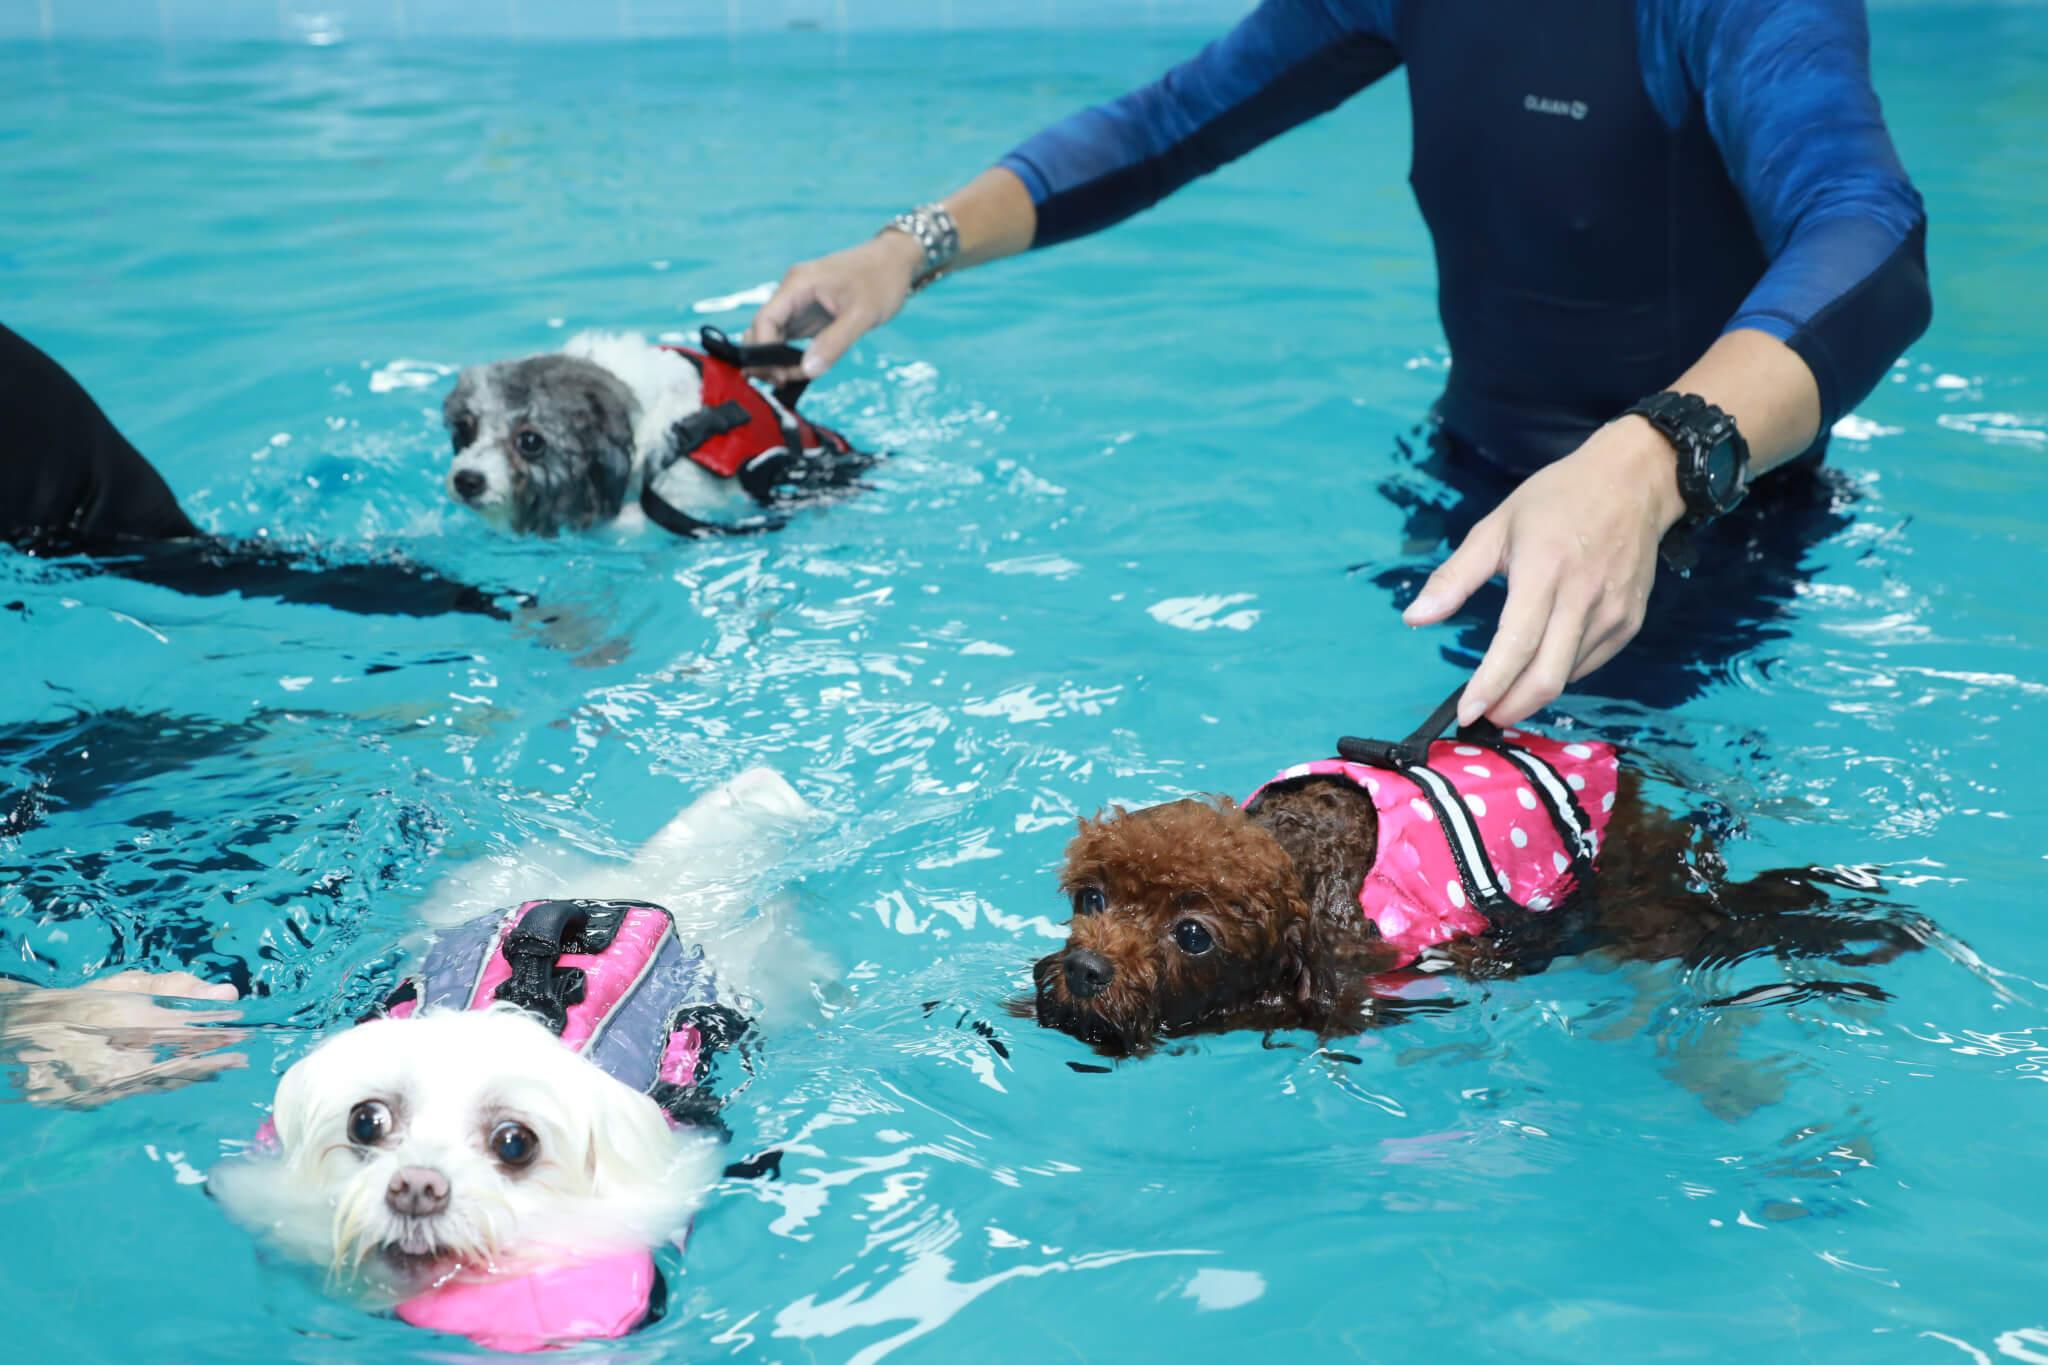 三隻原本毛茸茸的狗,變成濕水落湯雞,十分好笑。